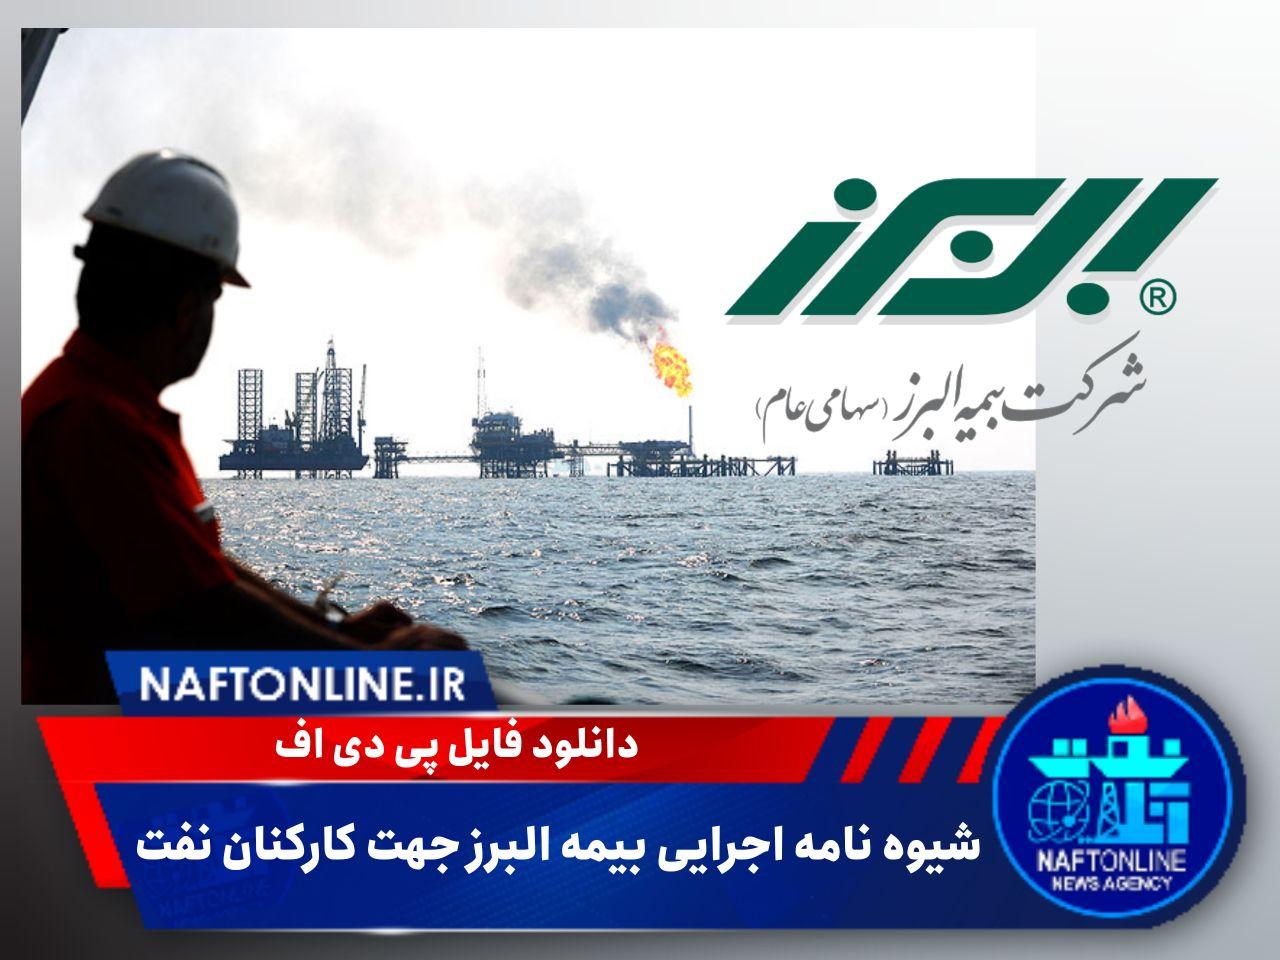 شیوه نامه اجرایی بیمه البرز جهت کارکنان نفت | نفت آنلاین